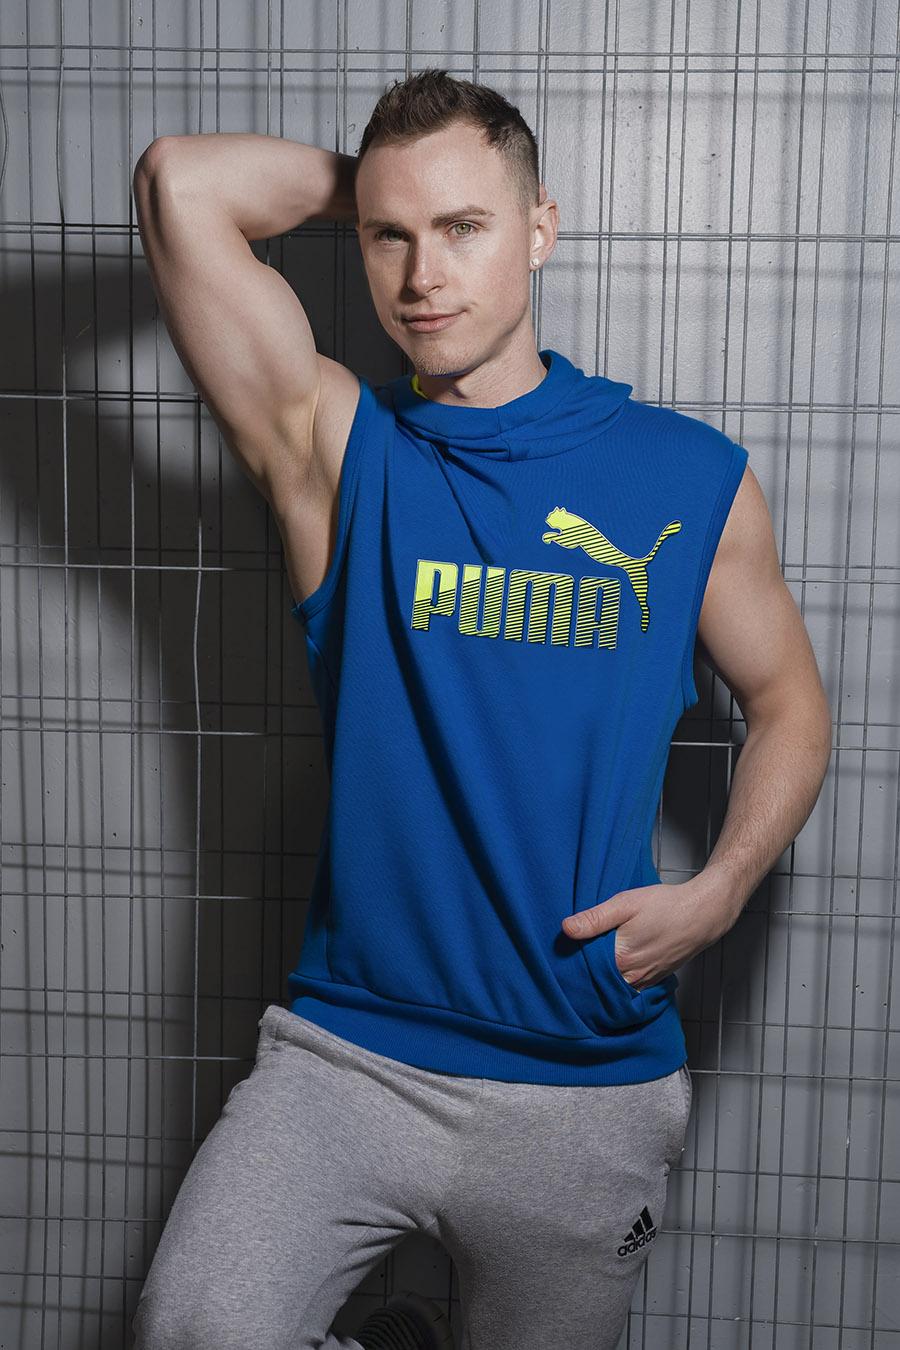 Jordan male fitness model wearing puma garments